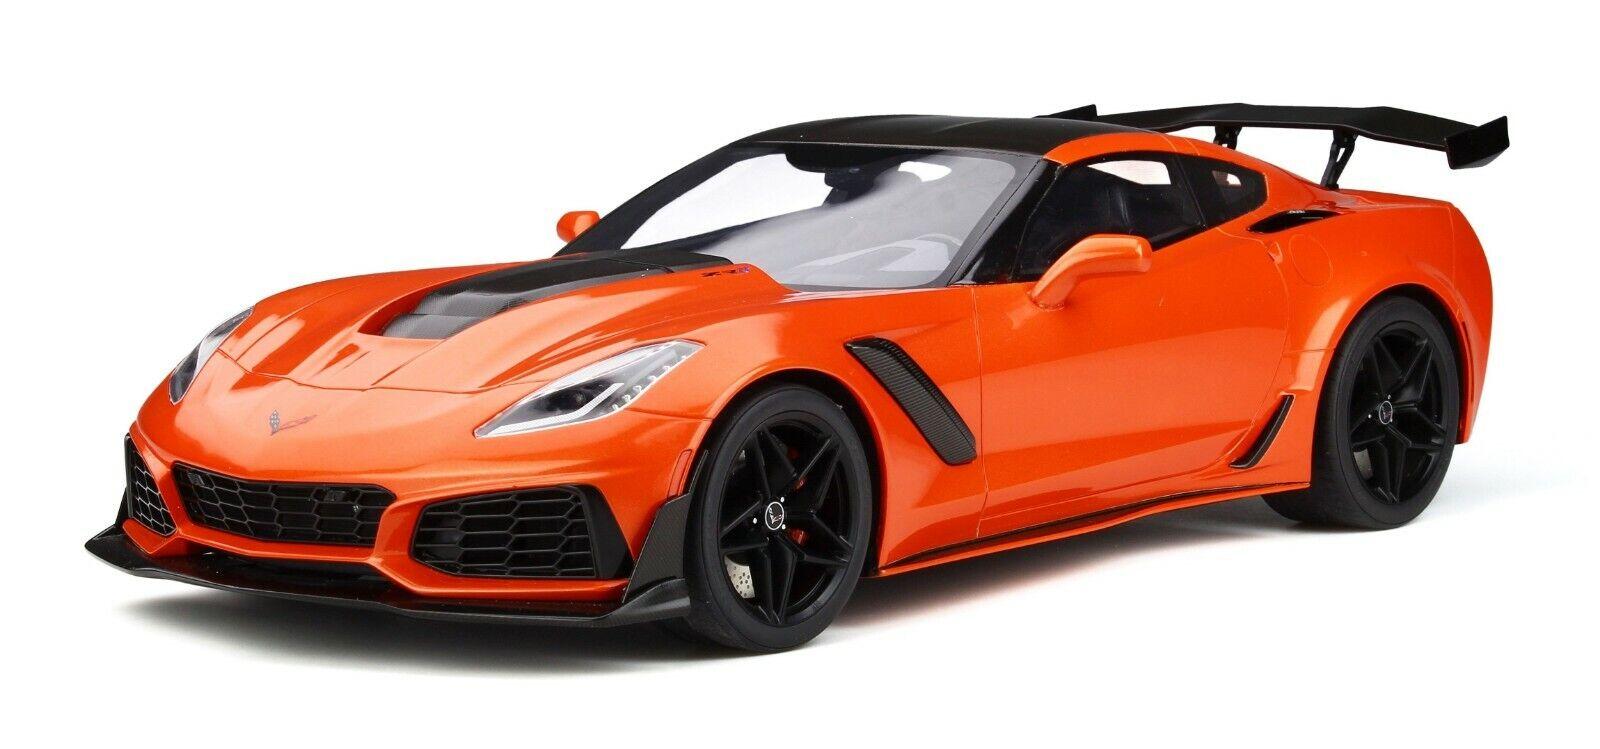 Chevrolet  Corvette ZR1 Sebbague  Orange  GT246  Limicravatert  GT Spirit  1 12  NEU  édition limitée chaude